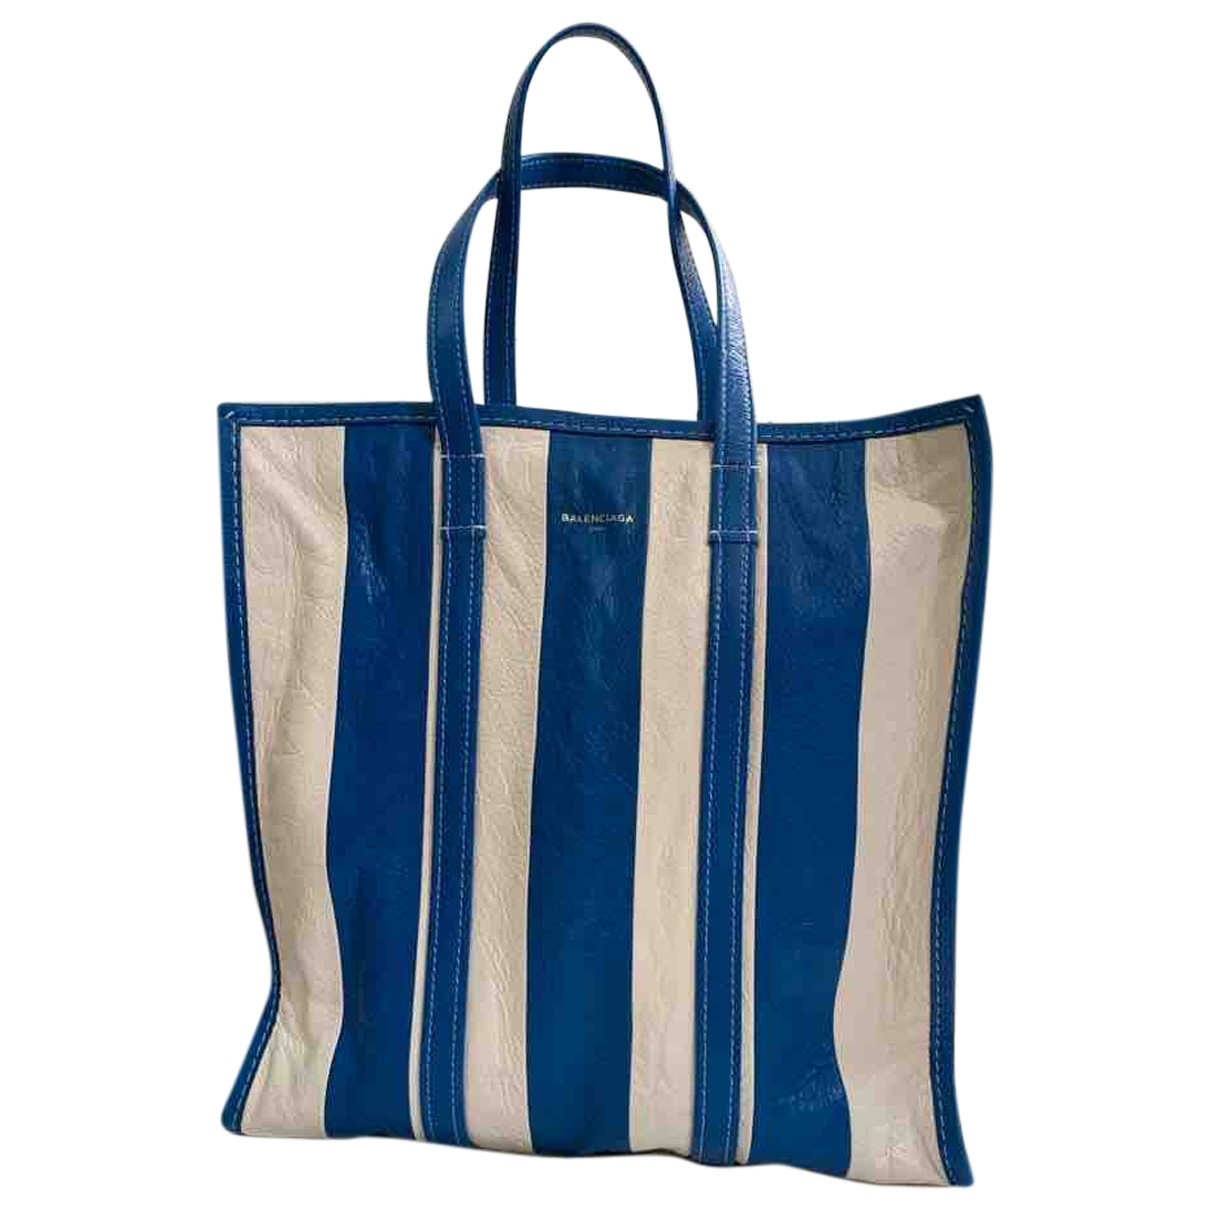 Balenciaga - Sac a main Bazar Bag pour femme en cuir verni - blanc